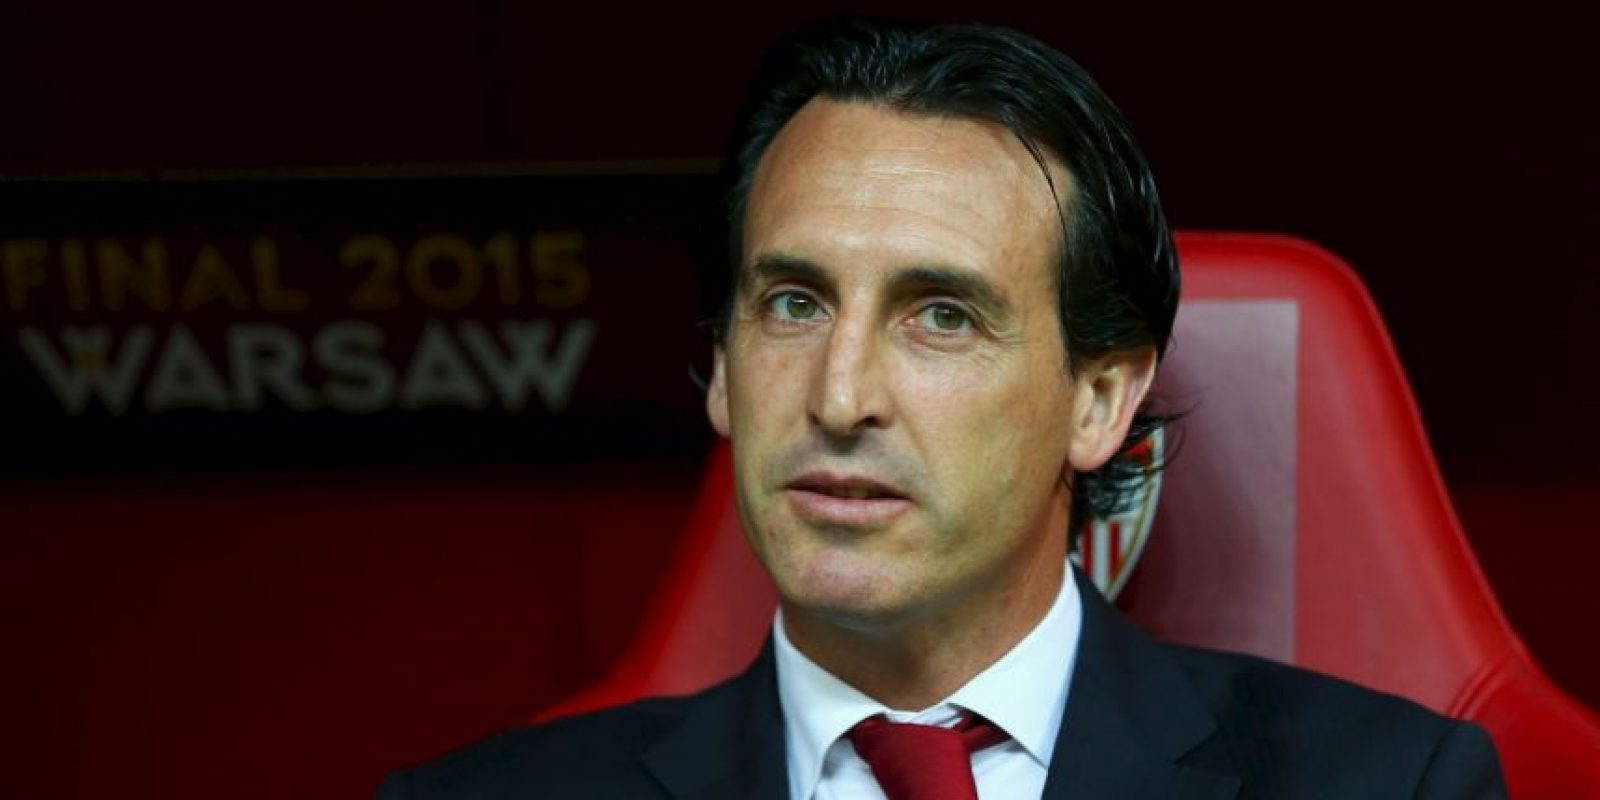 10. El actual entrenador del Sevilla, Unai Emery, se ha enfrentado al Barcelona en 19 ocasiones a lo largo de su carrera y hasta ahora, no ha podido vencerlos. Foto:Getty Images